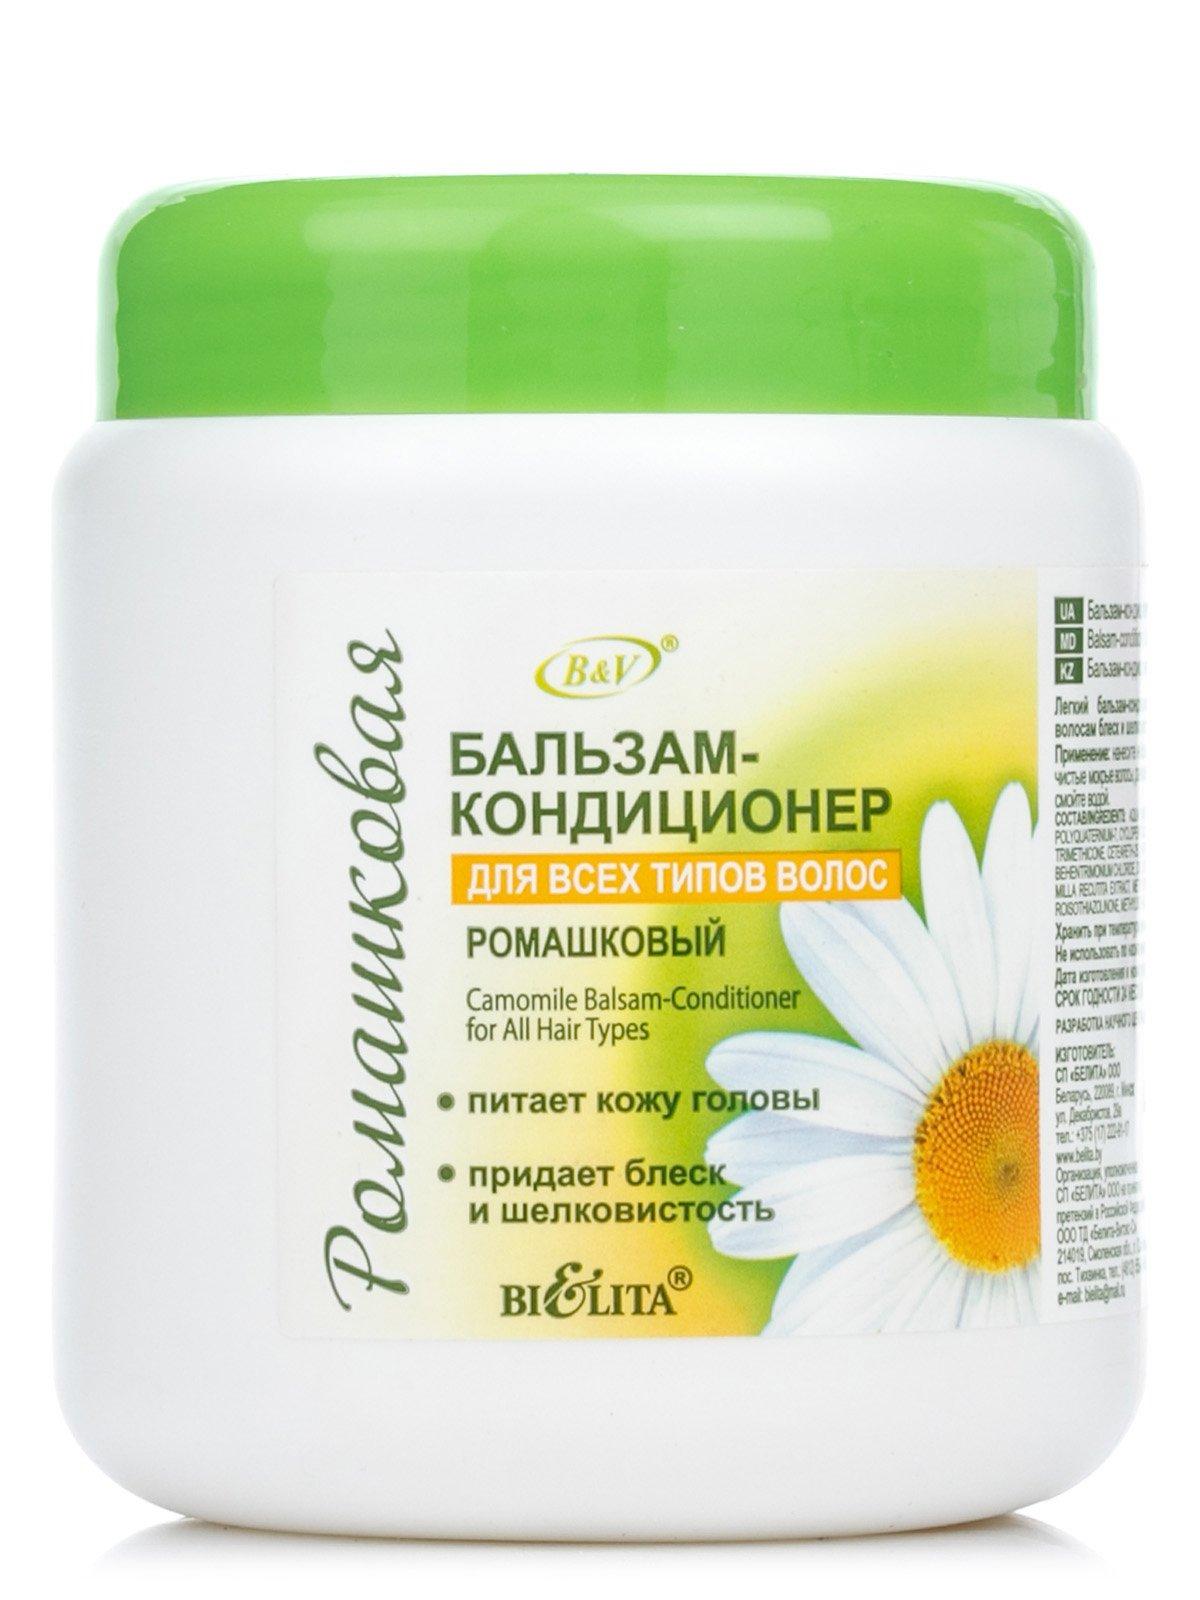 Бальзам-кондиционер ромашковый для всех типов волос (450 мл) | 1945705